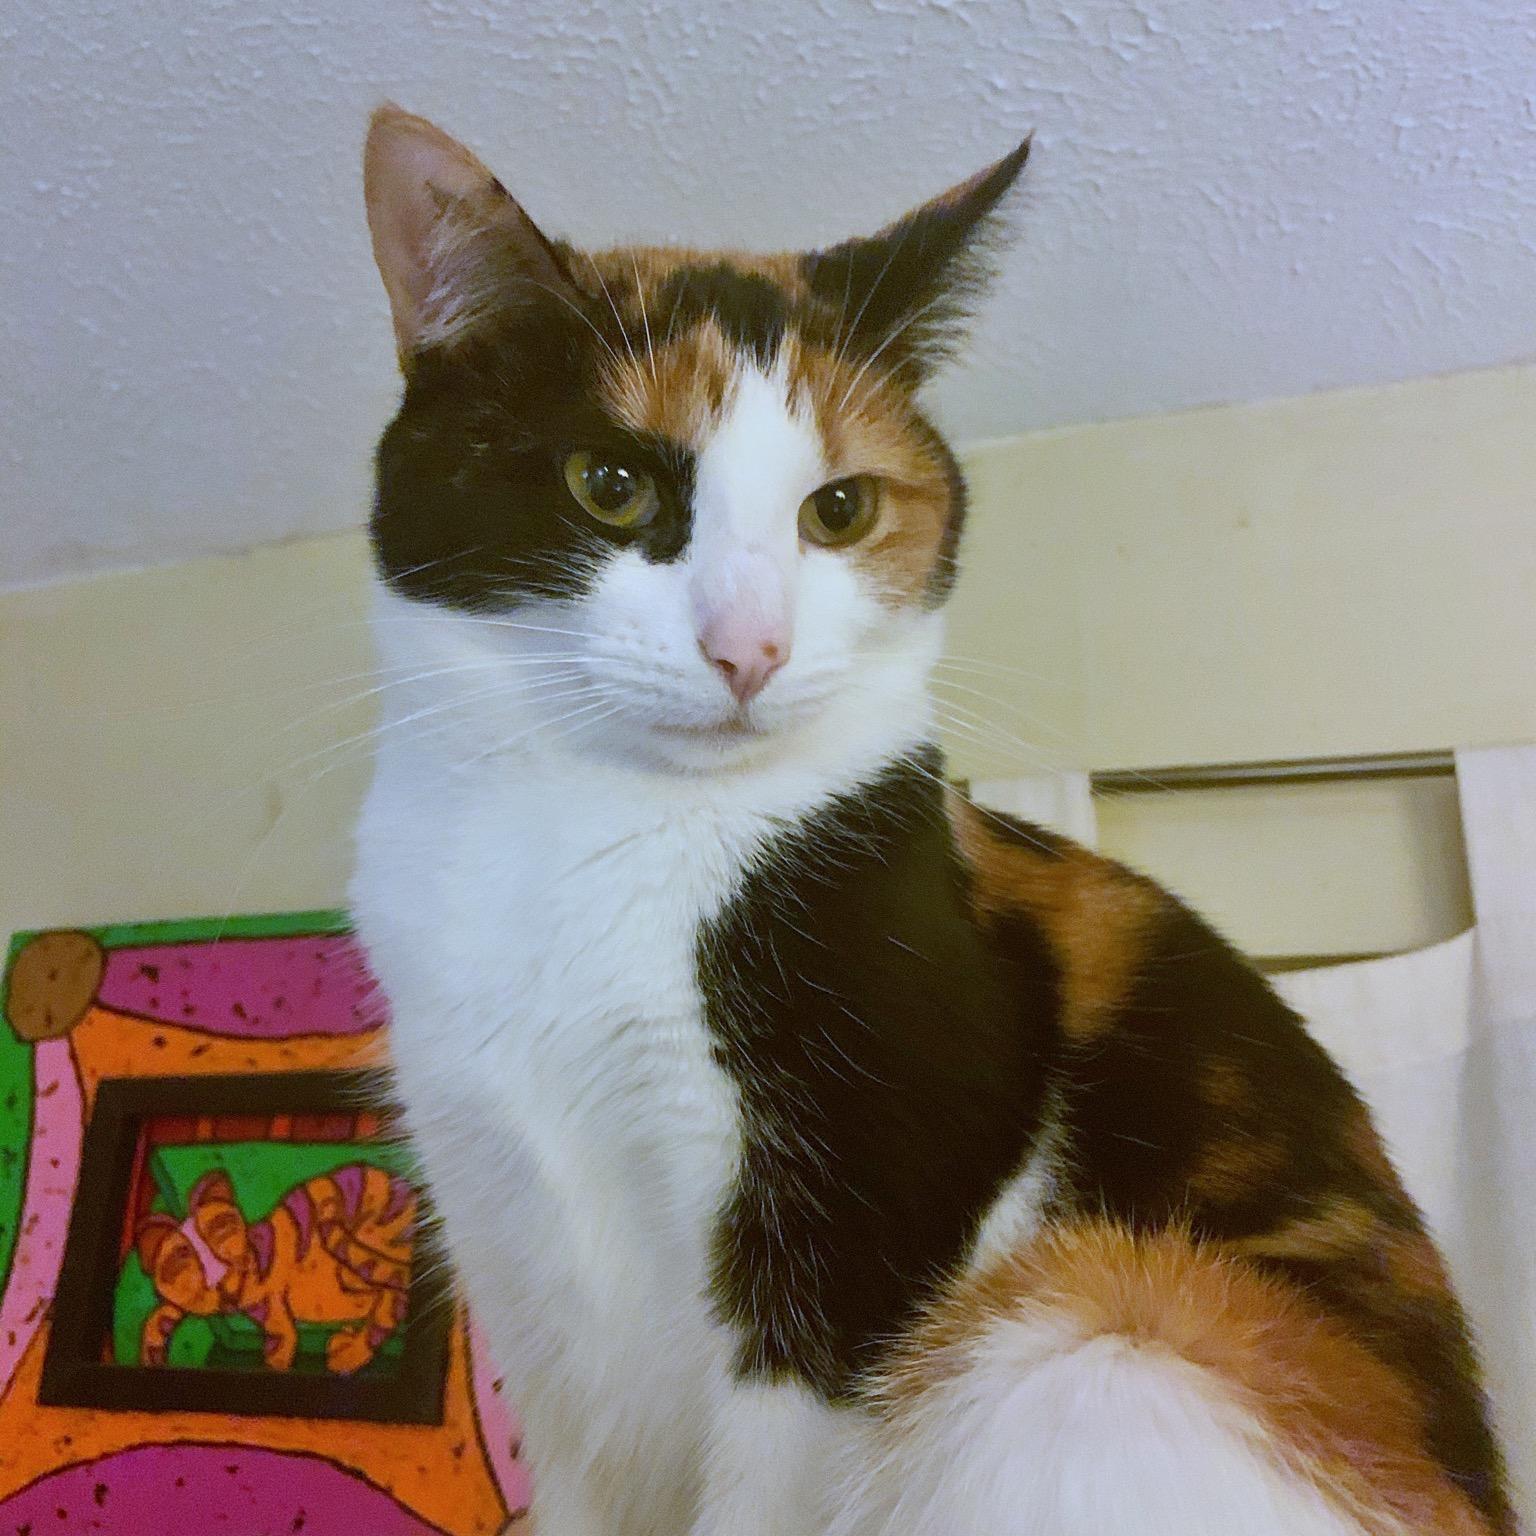 Ellie AKA Little Schtuffs Calico cat companion of Artist BZTAT